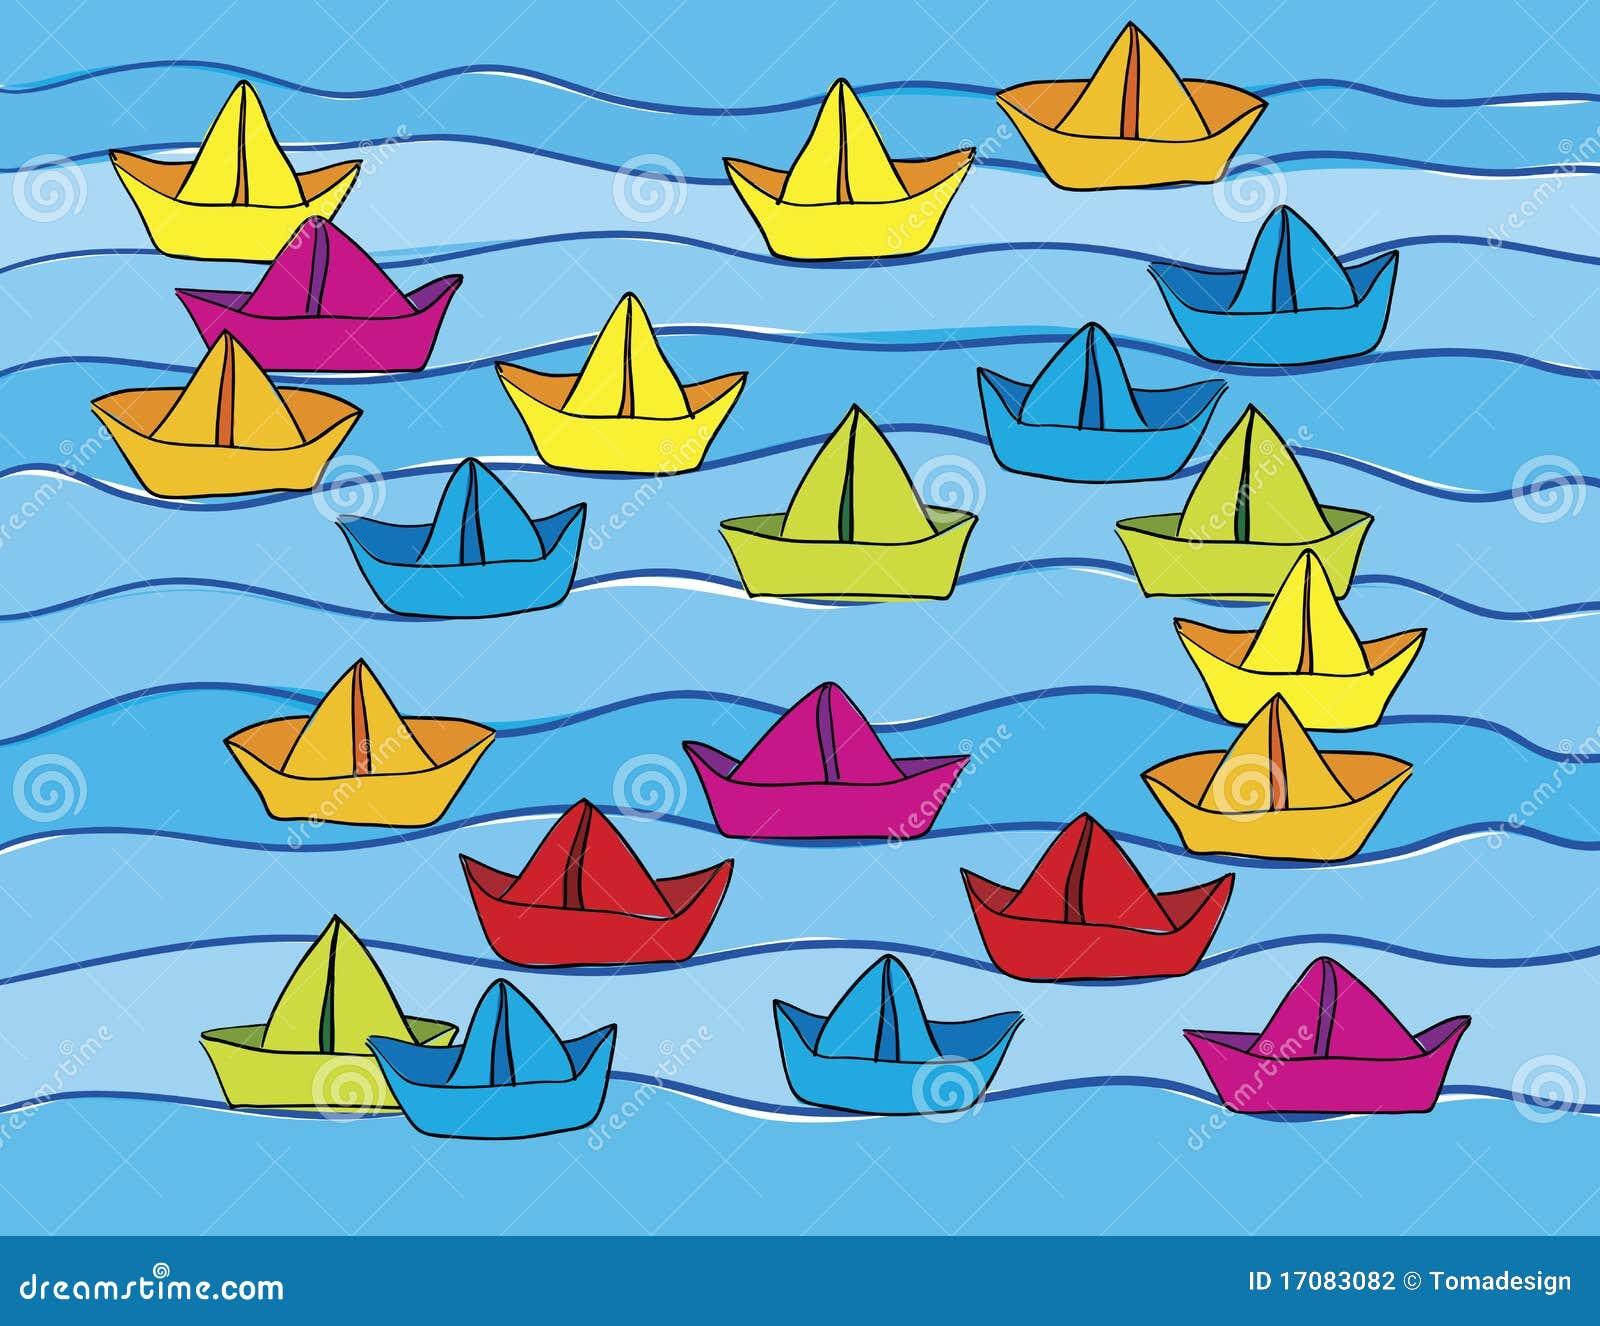 Papierboote auf Wasser